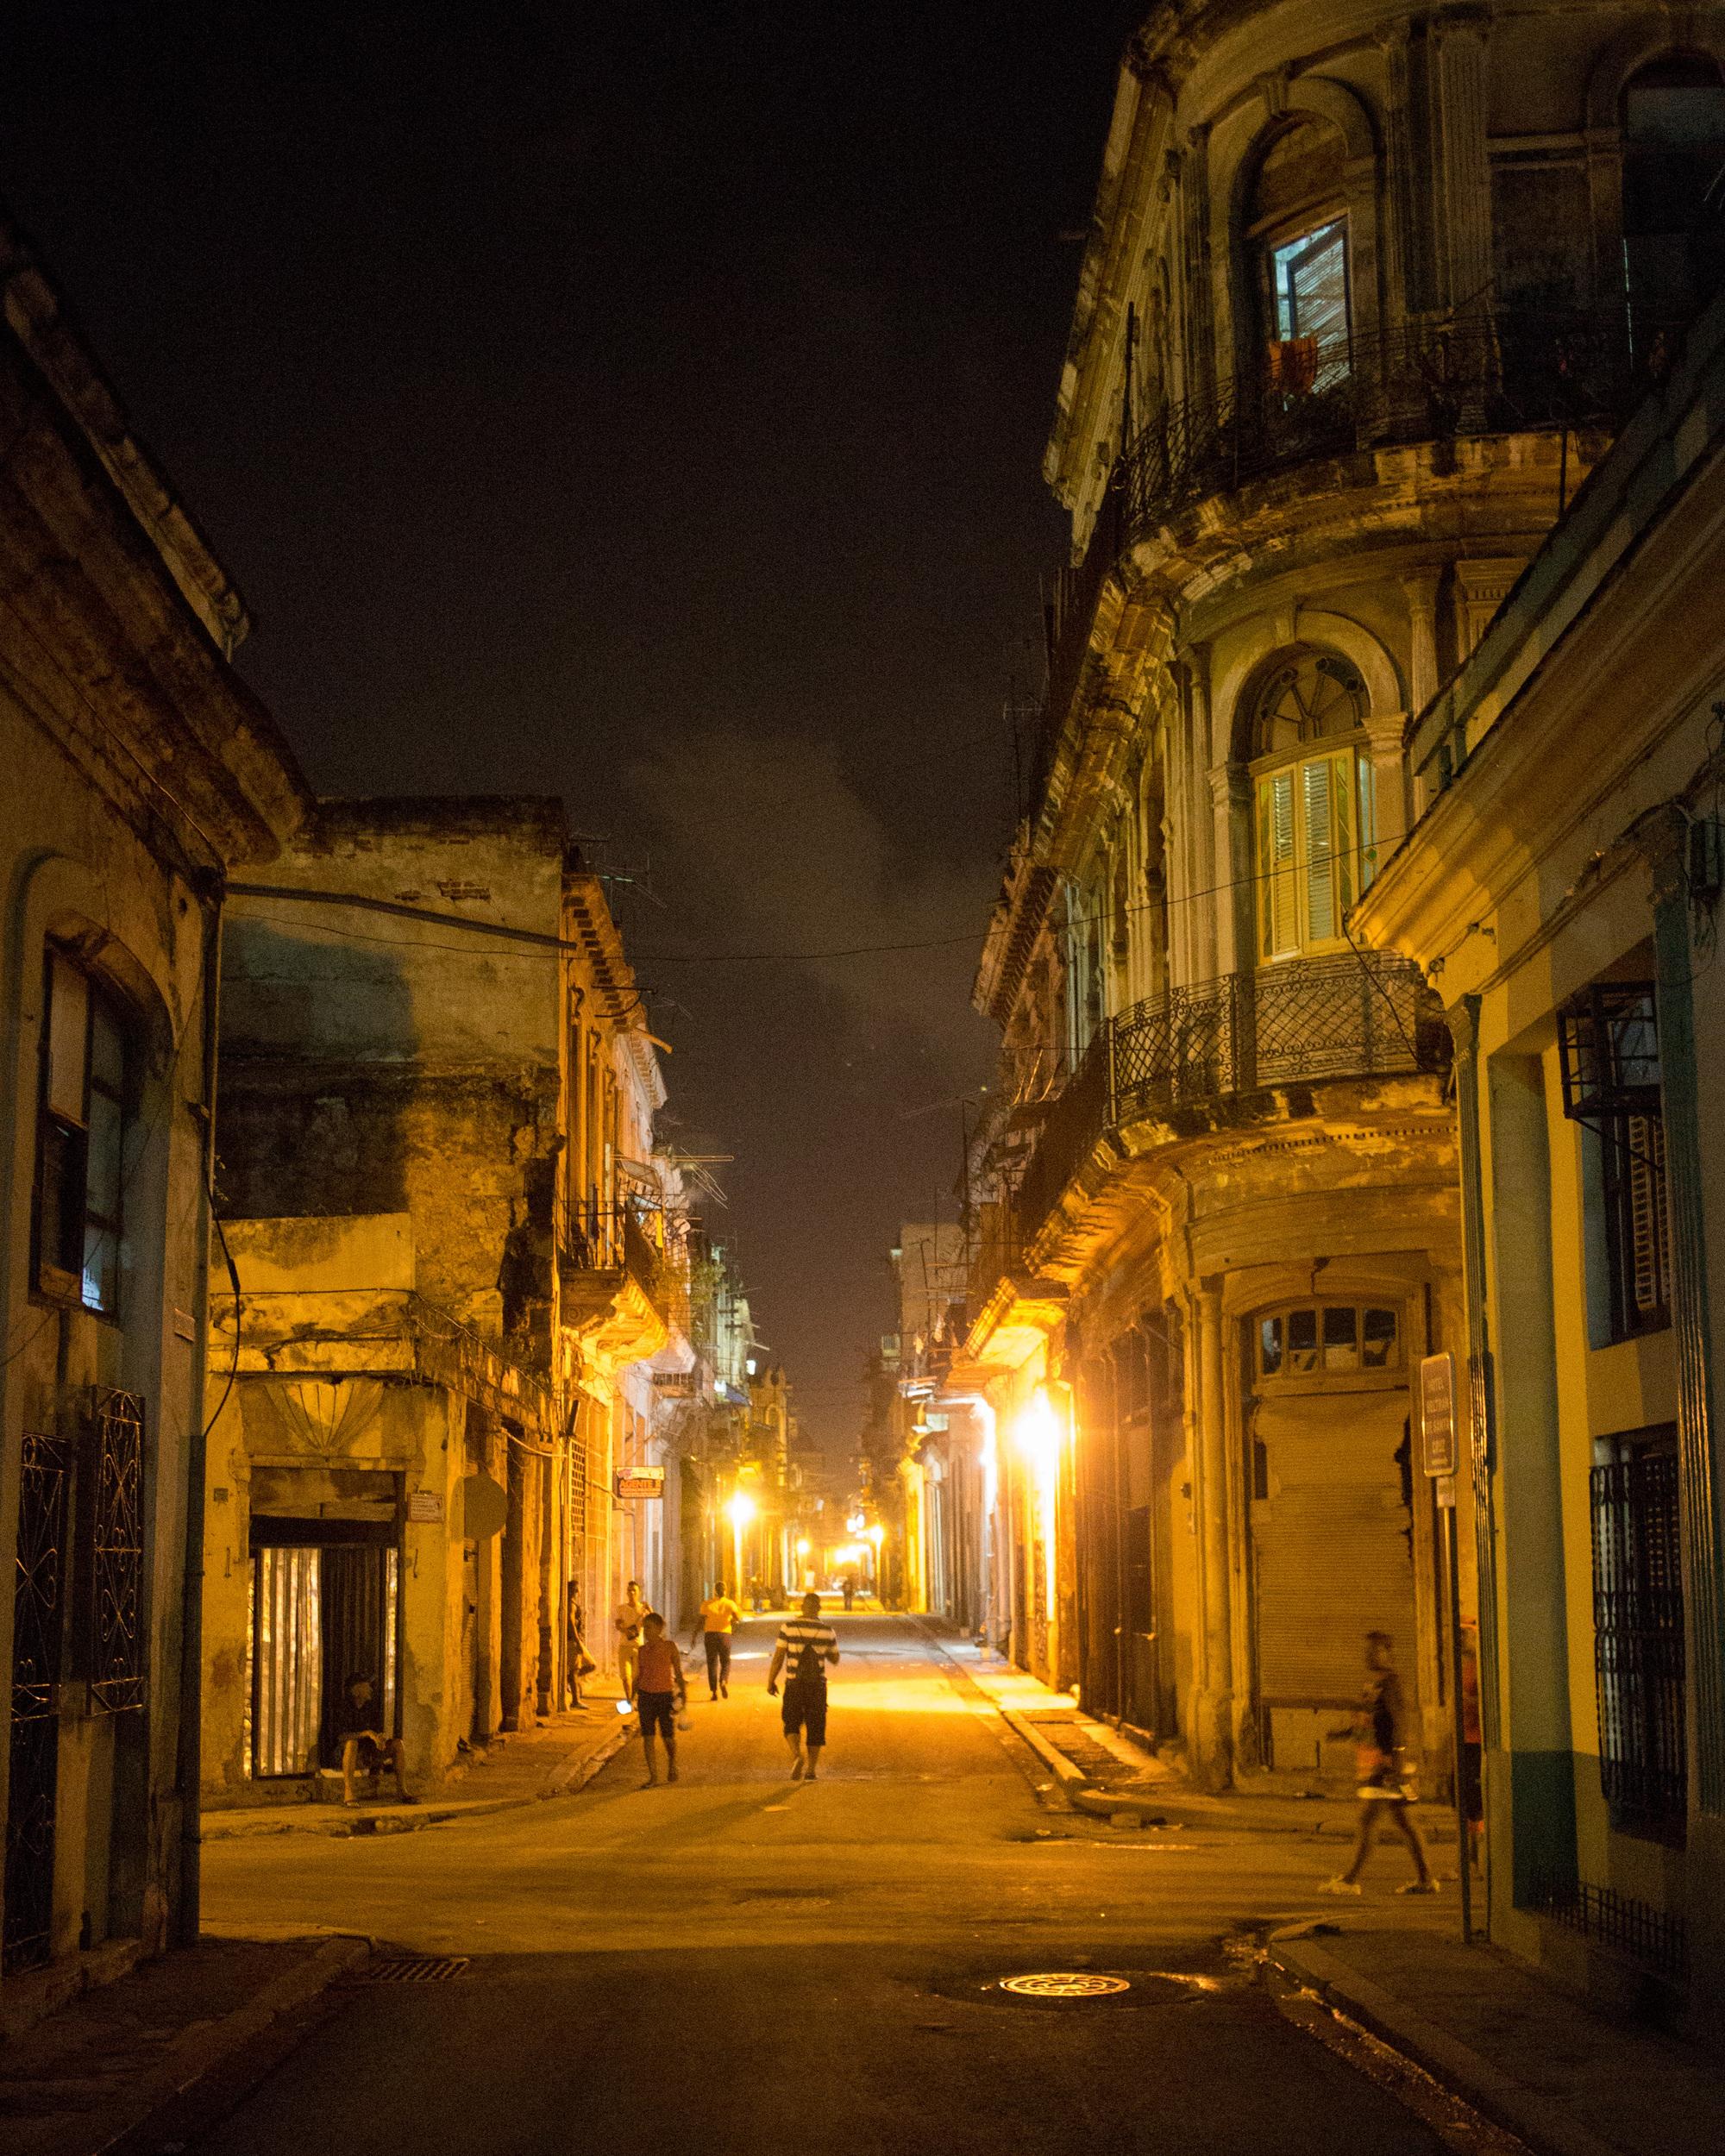 Galeria Arquitectonica: Galería De 7 Edificios En La Habana Que Evidencian La Rica